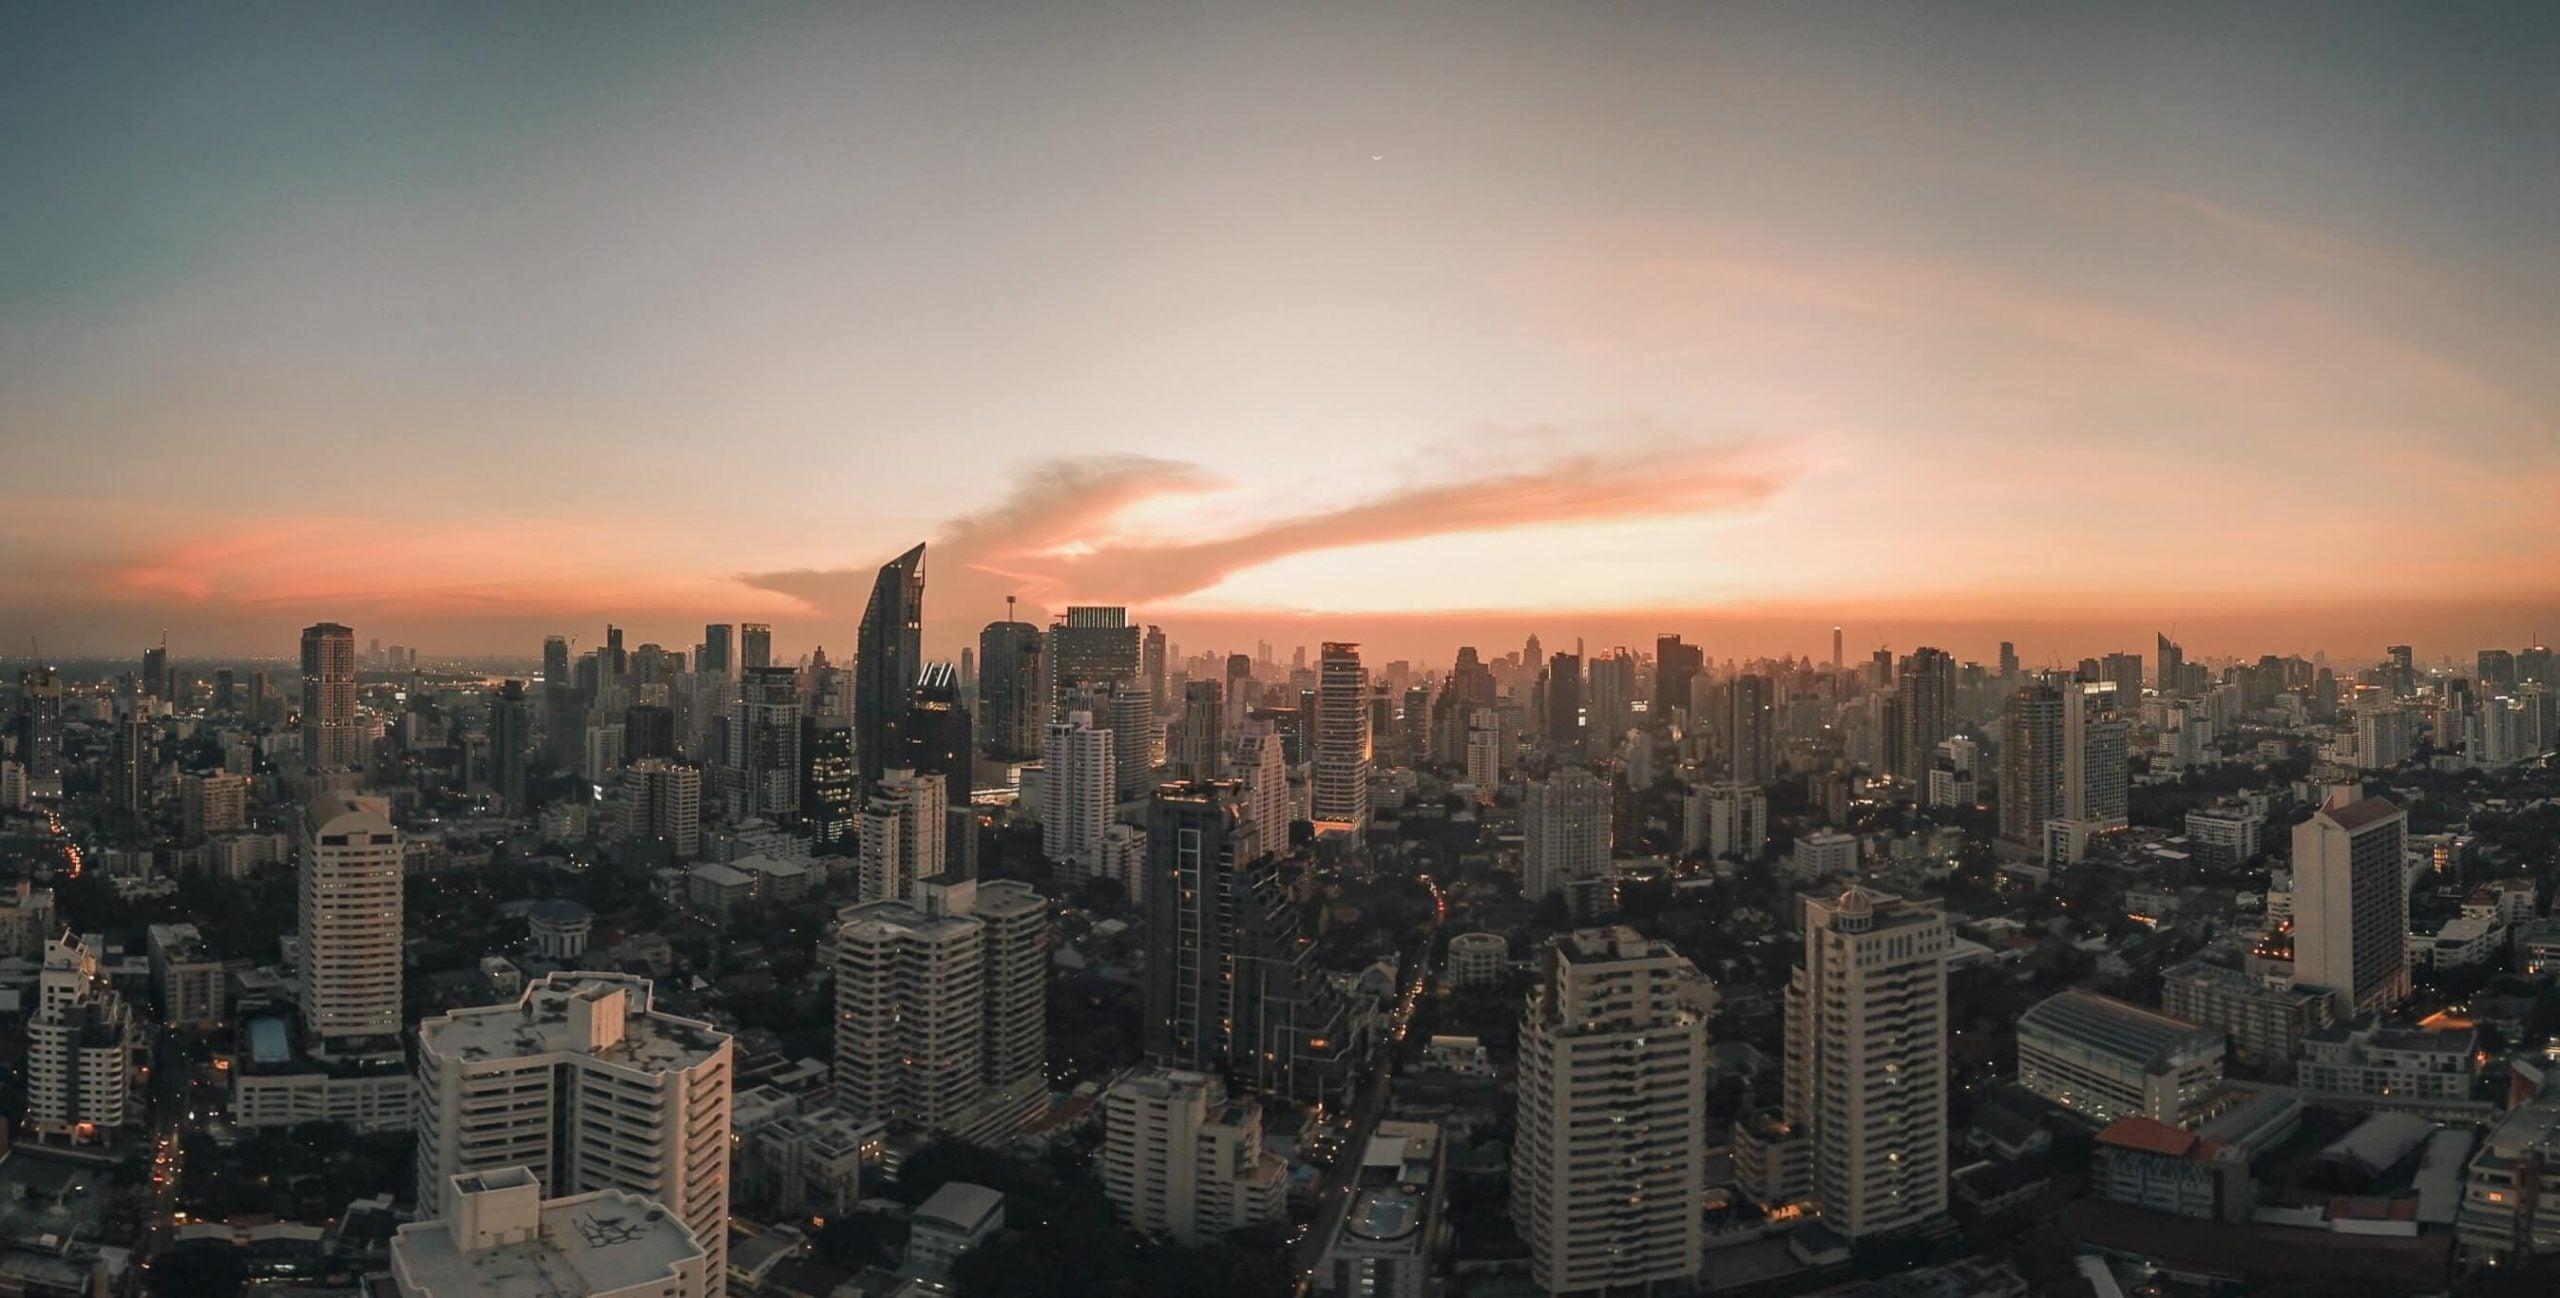 View of Bangkok at dusk